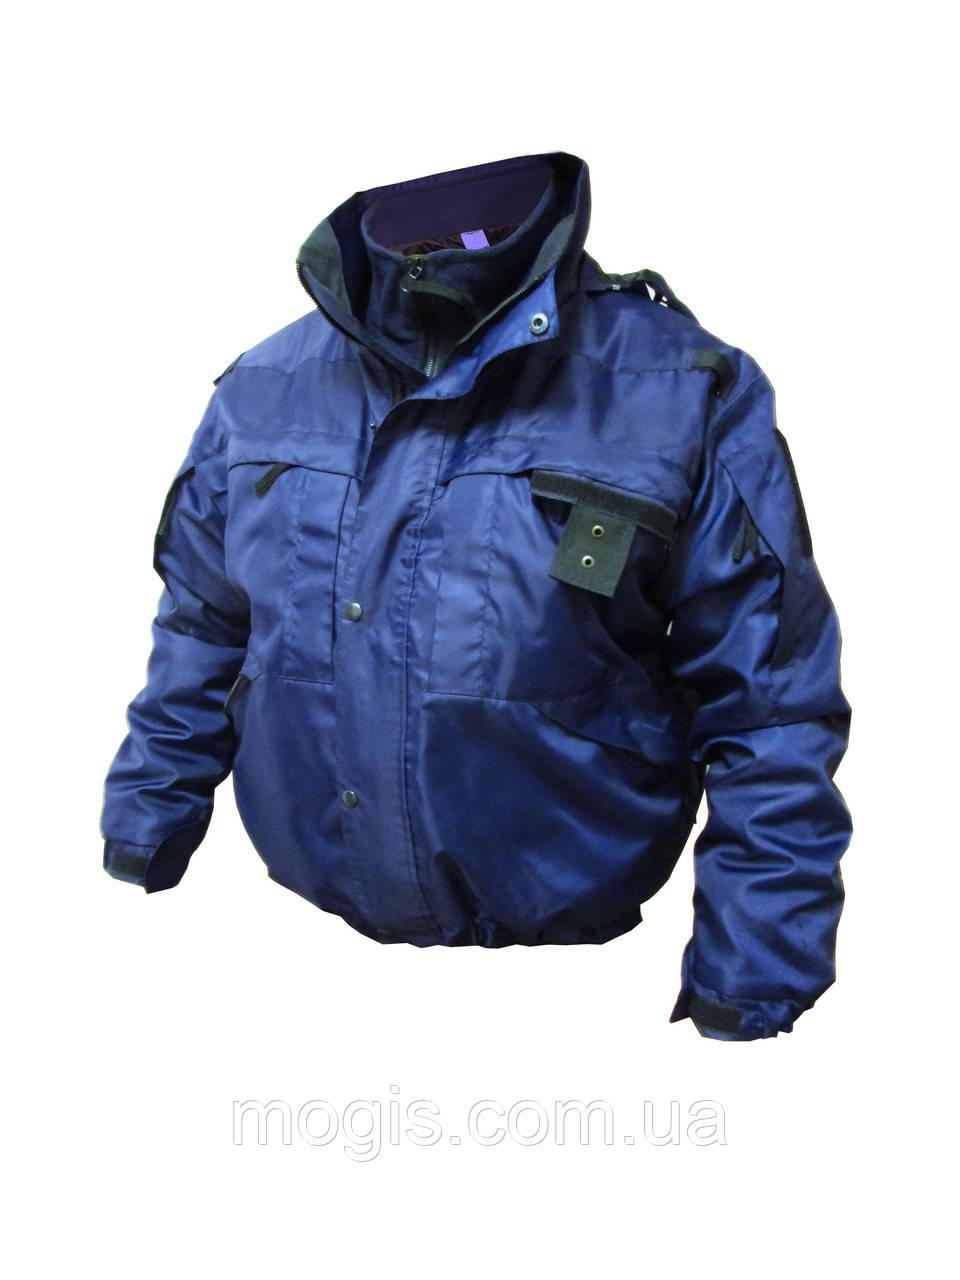 Куртка тактическая для охранных структур (Аналог 5.11)) синяя